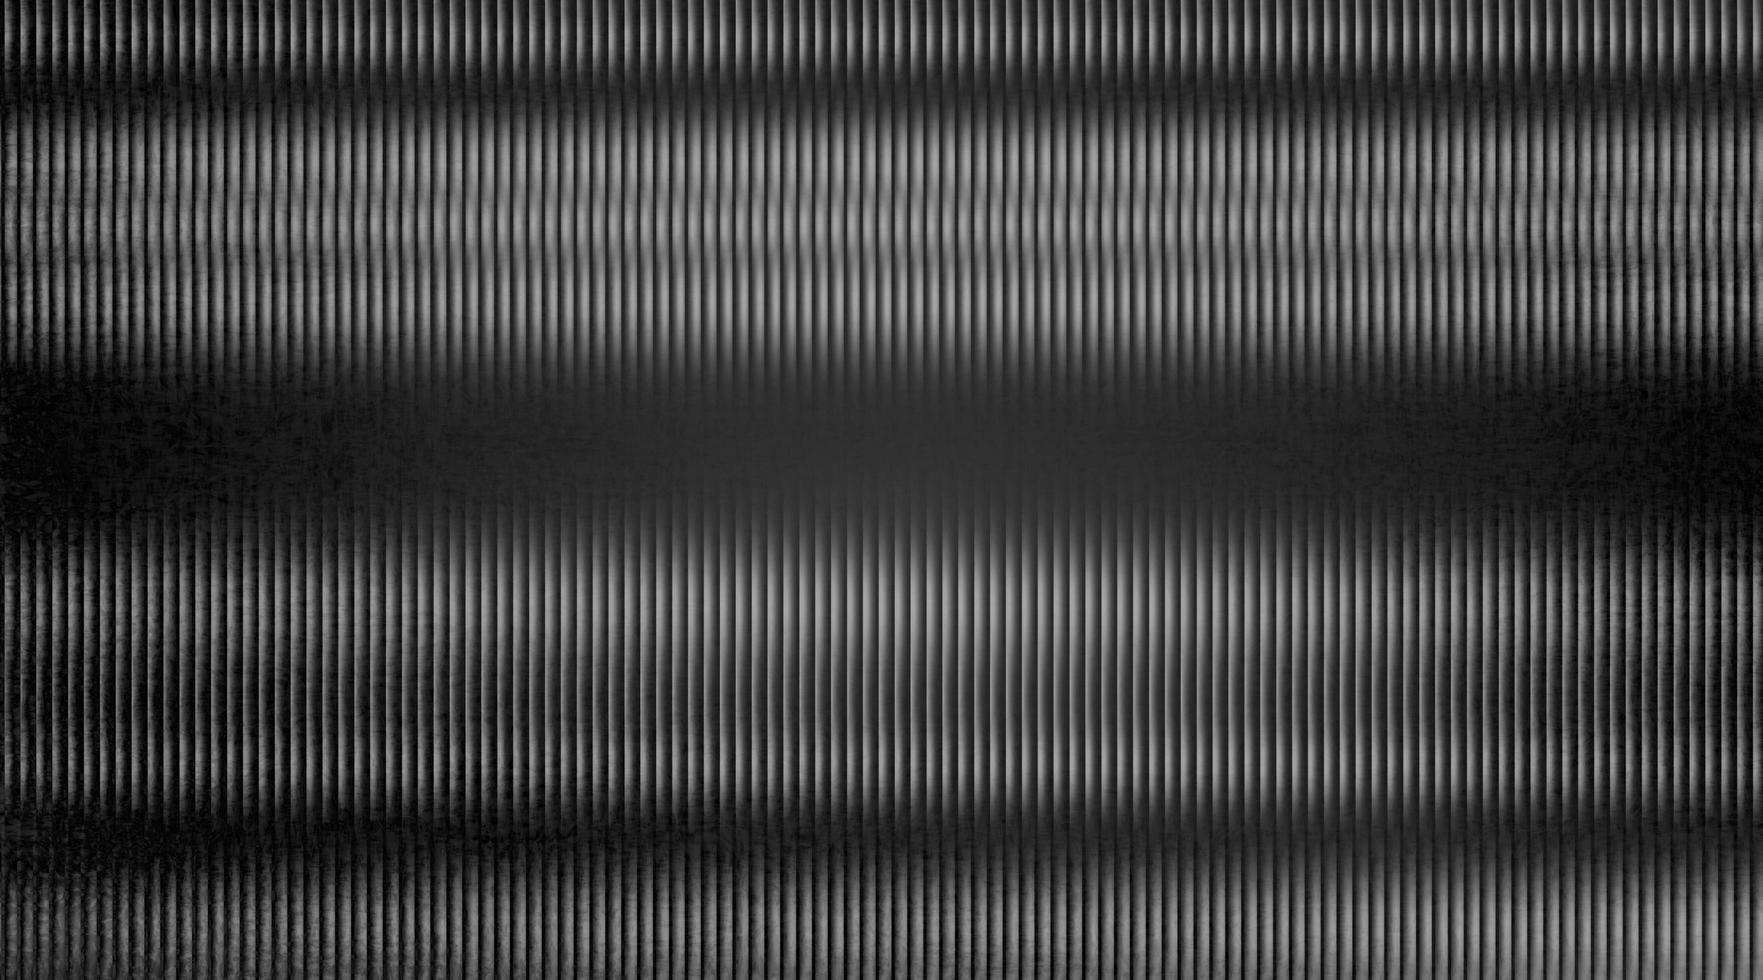 metallo nero lucido, fondo in acciaio vettore